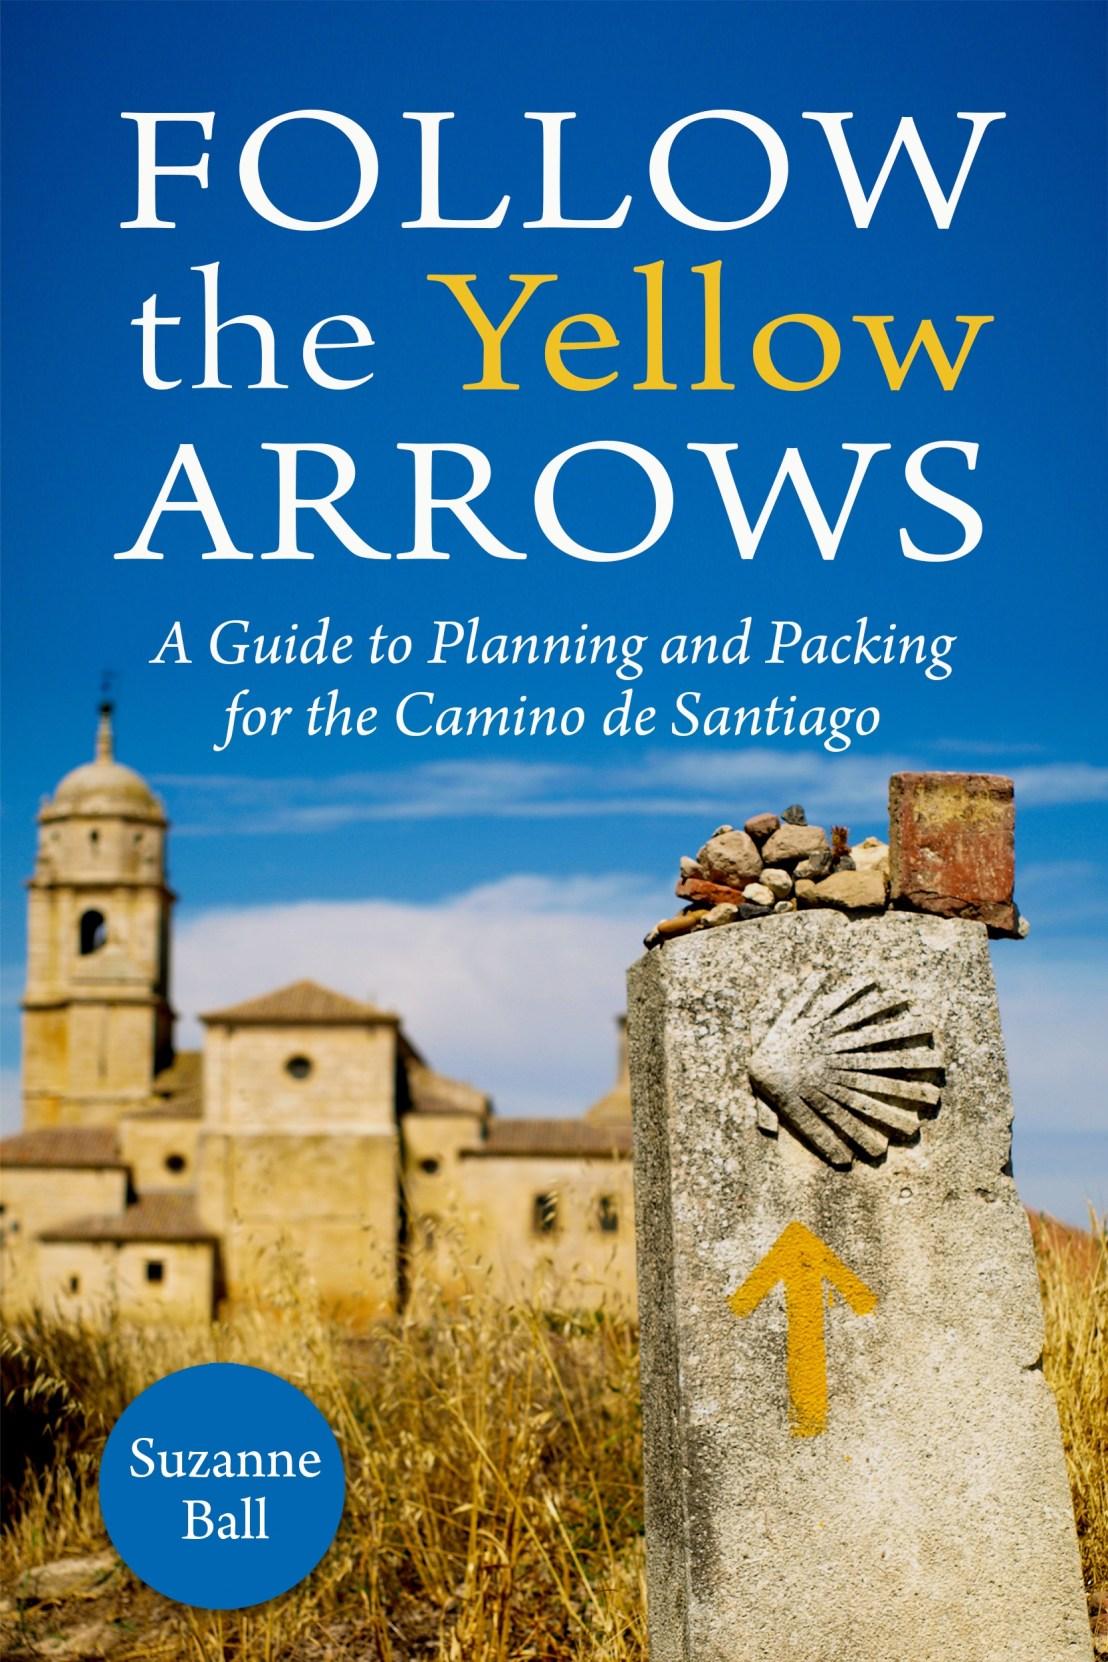 Follow the Yellow Arrows